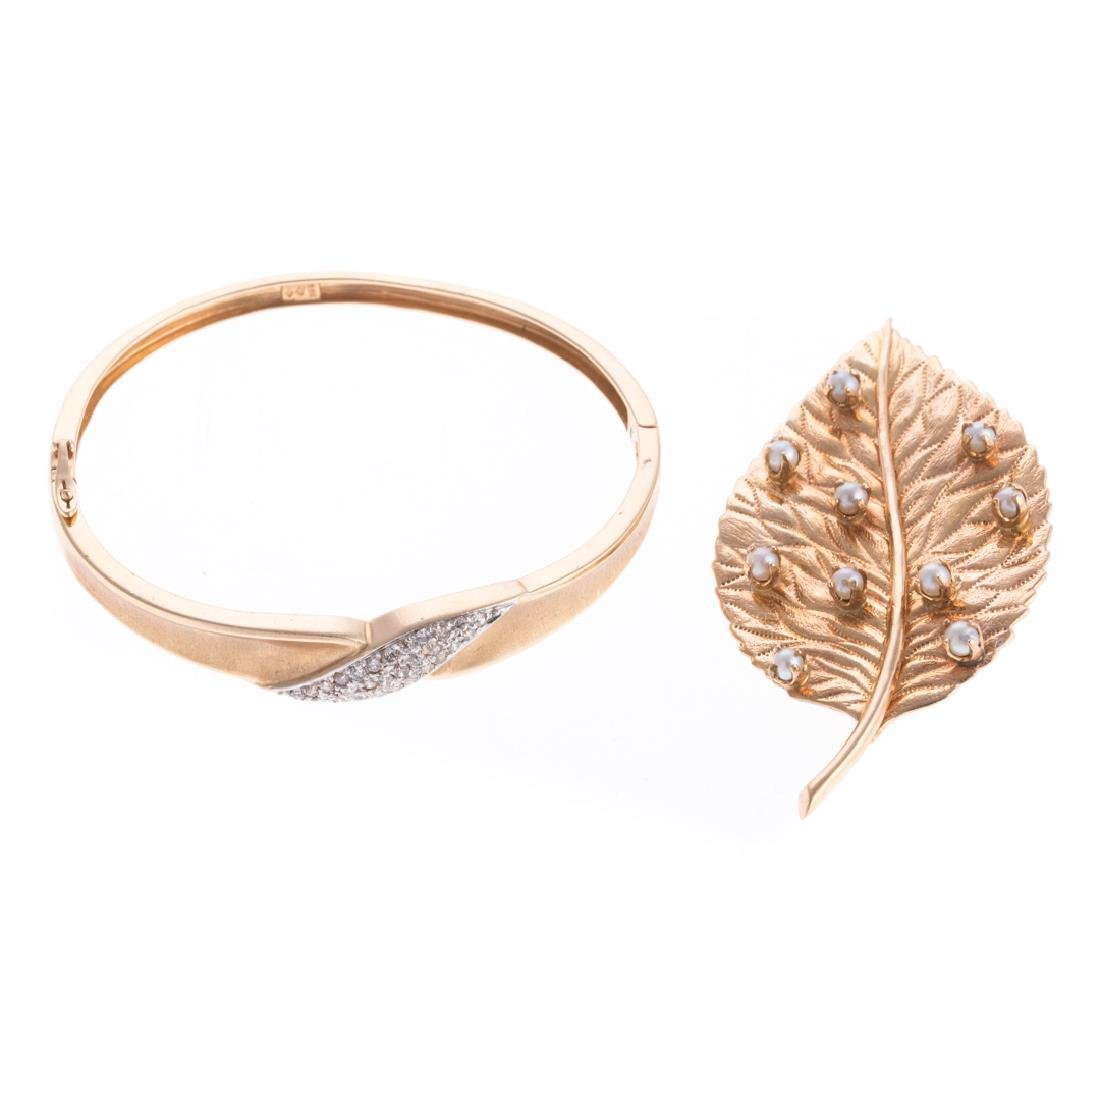 A Pearl Leaf Brooch % Diamond Bracelet in Gold